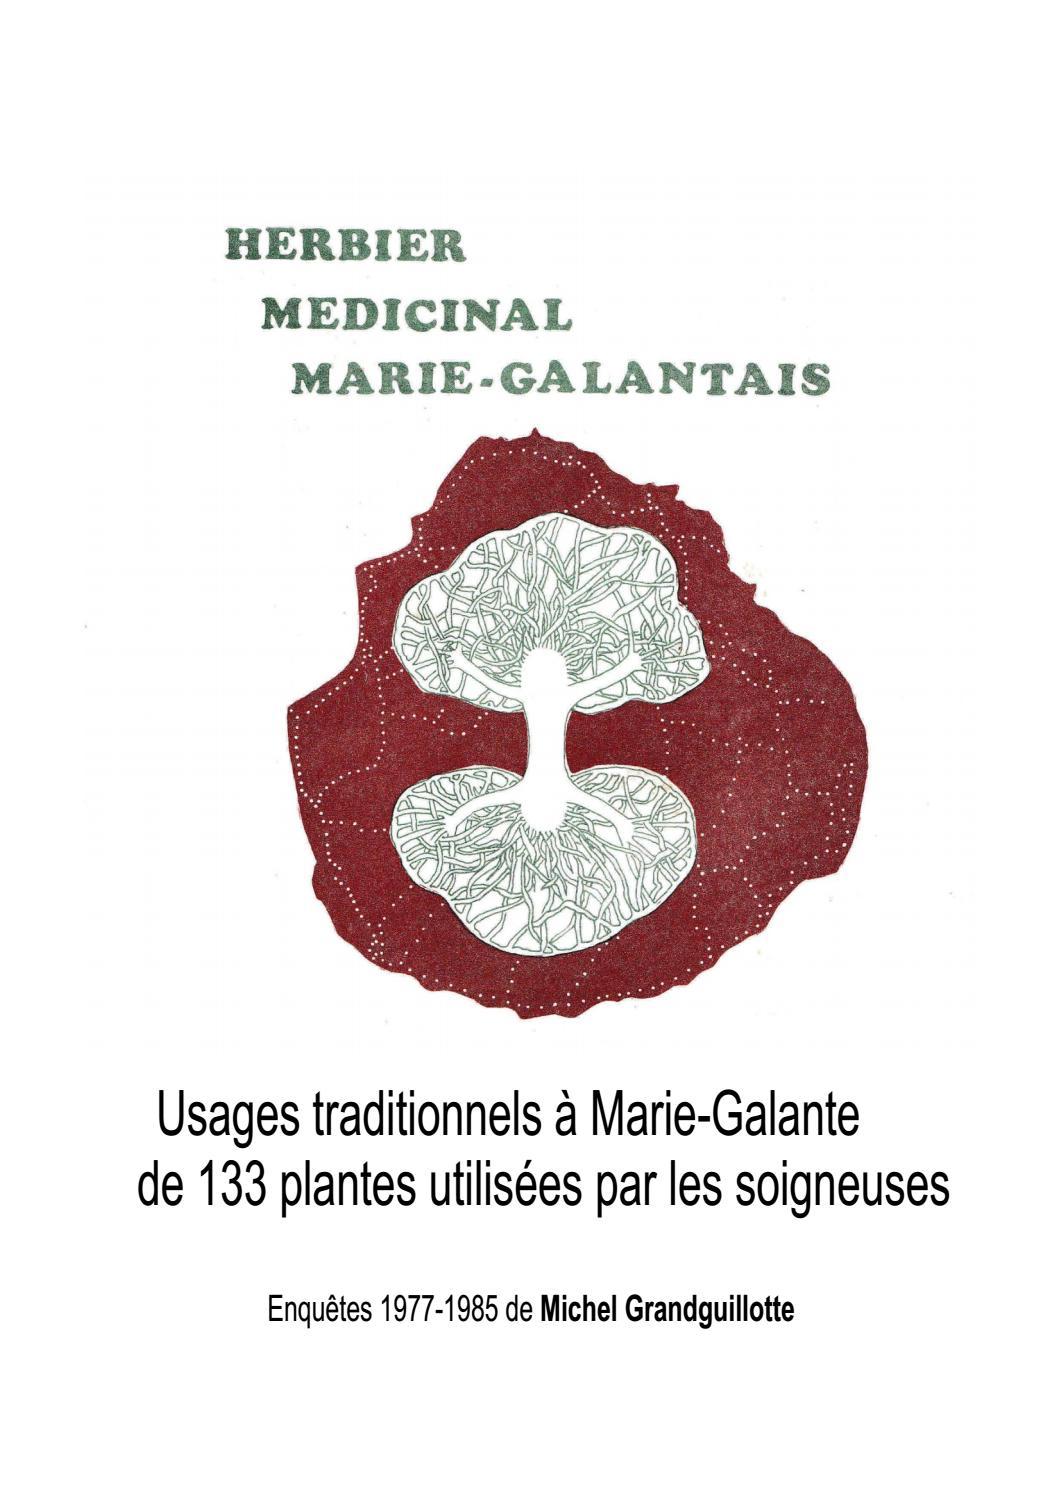 L Herbier Du Midi Produits Naturels herbier médicinal marie-galantaisbibliothèque numérique